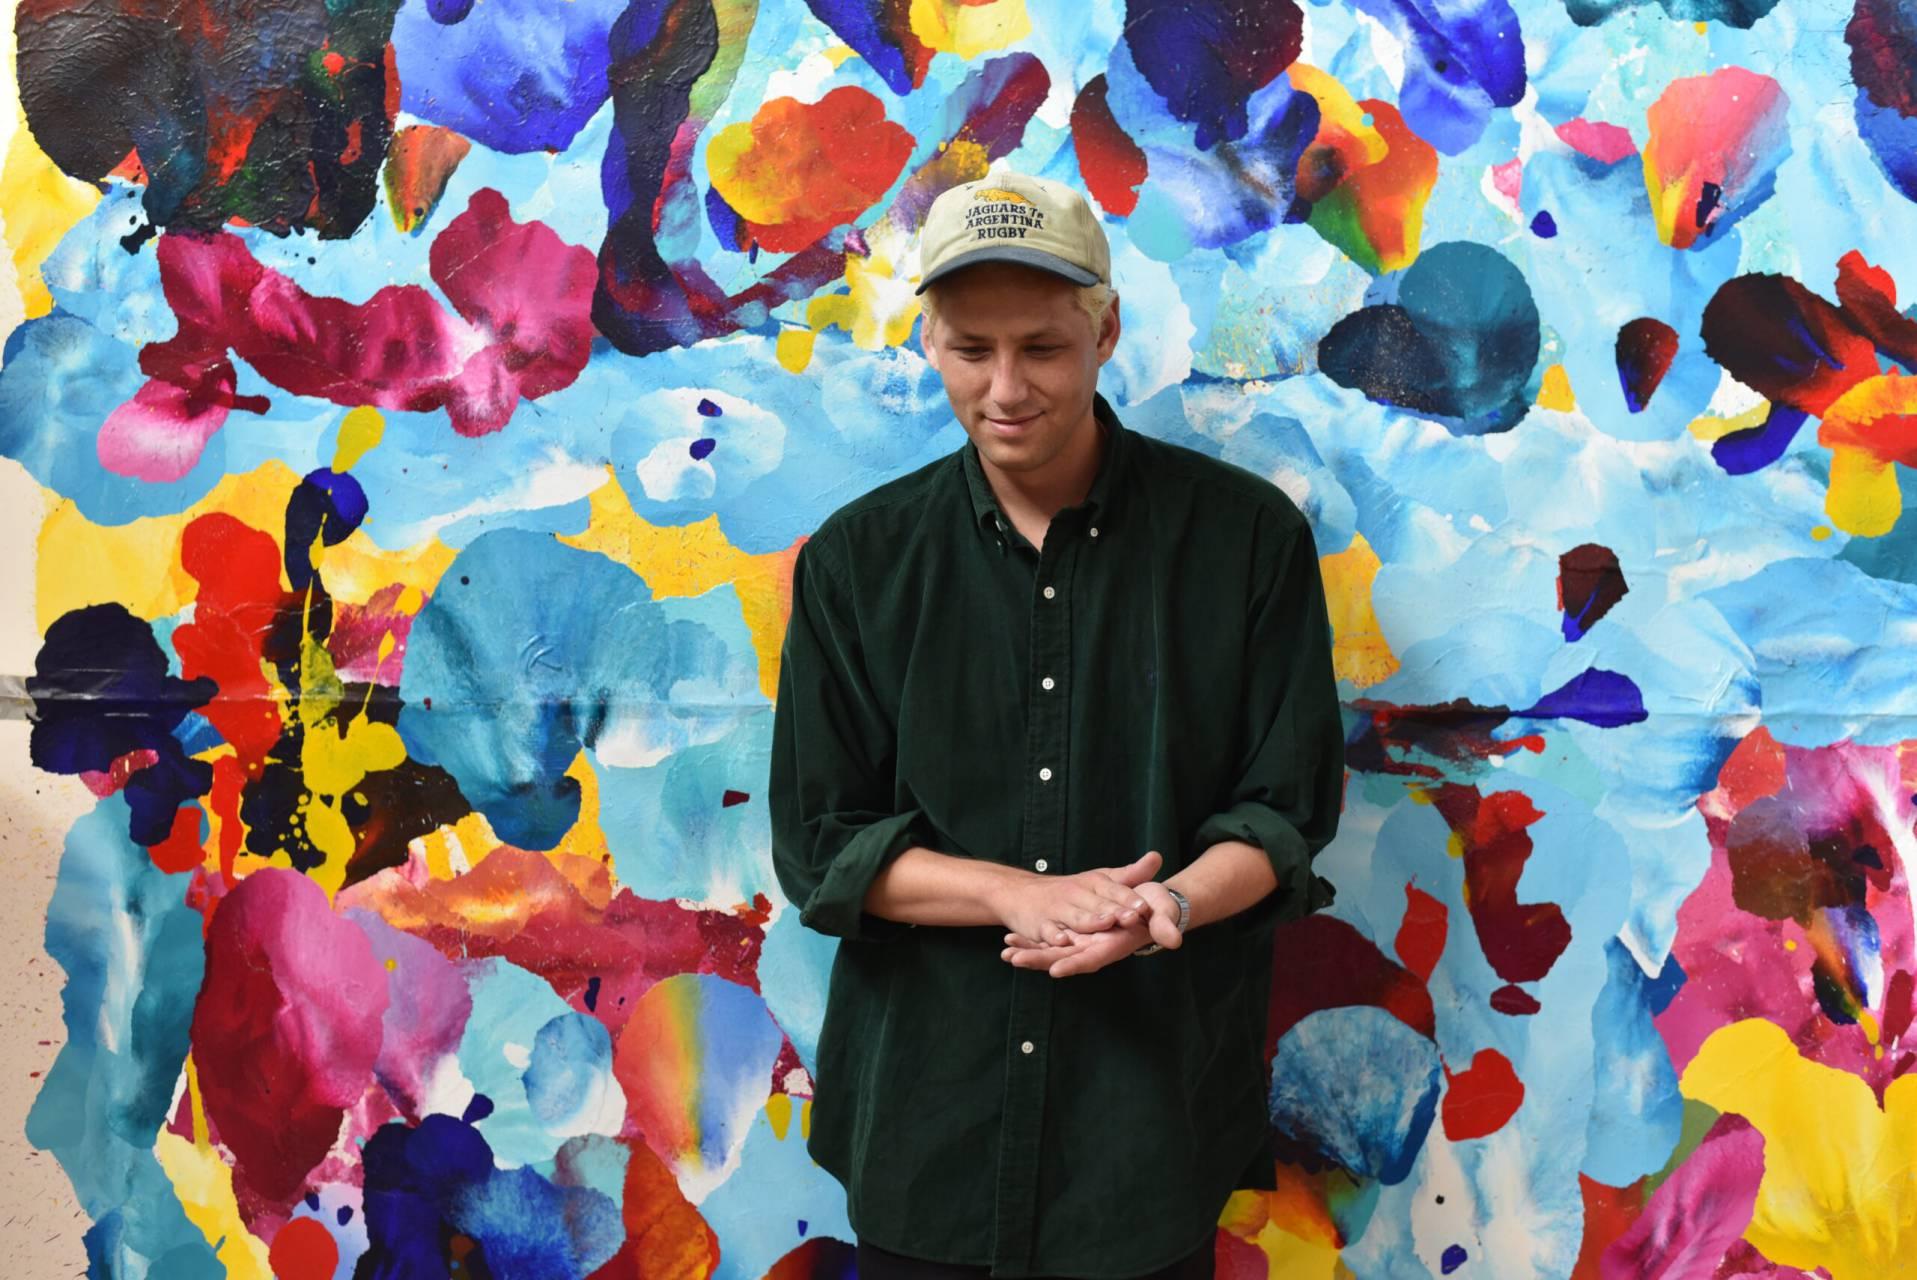 Konsten Hjälpte LA-konstnären Michael Gittes Att Ta Sig Ur Djupa Krisen